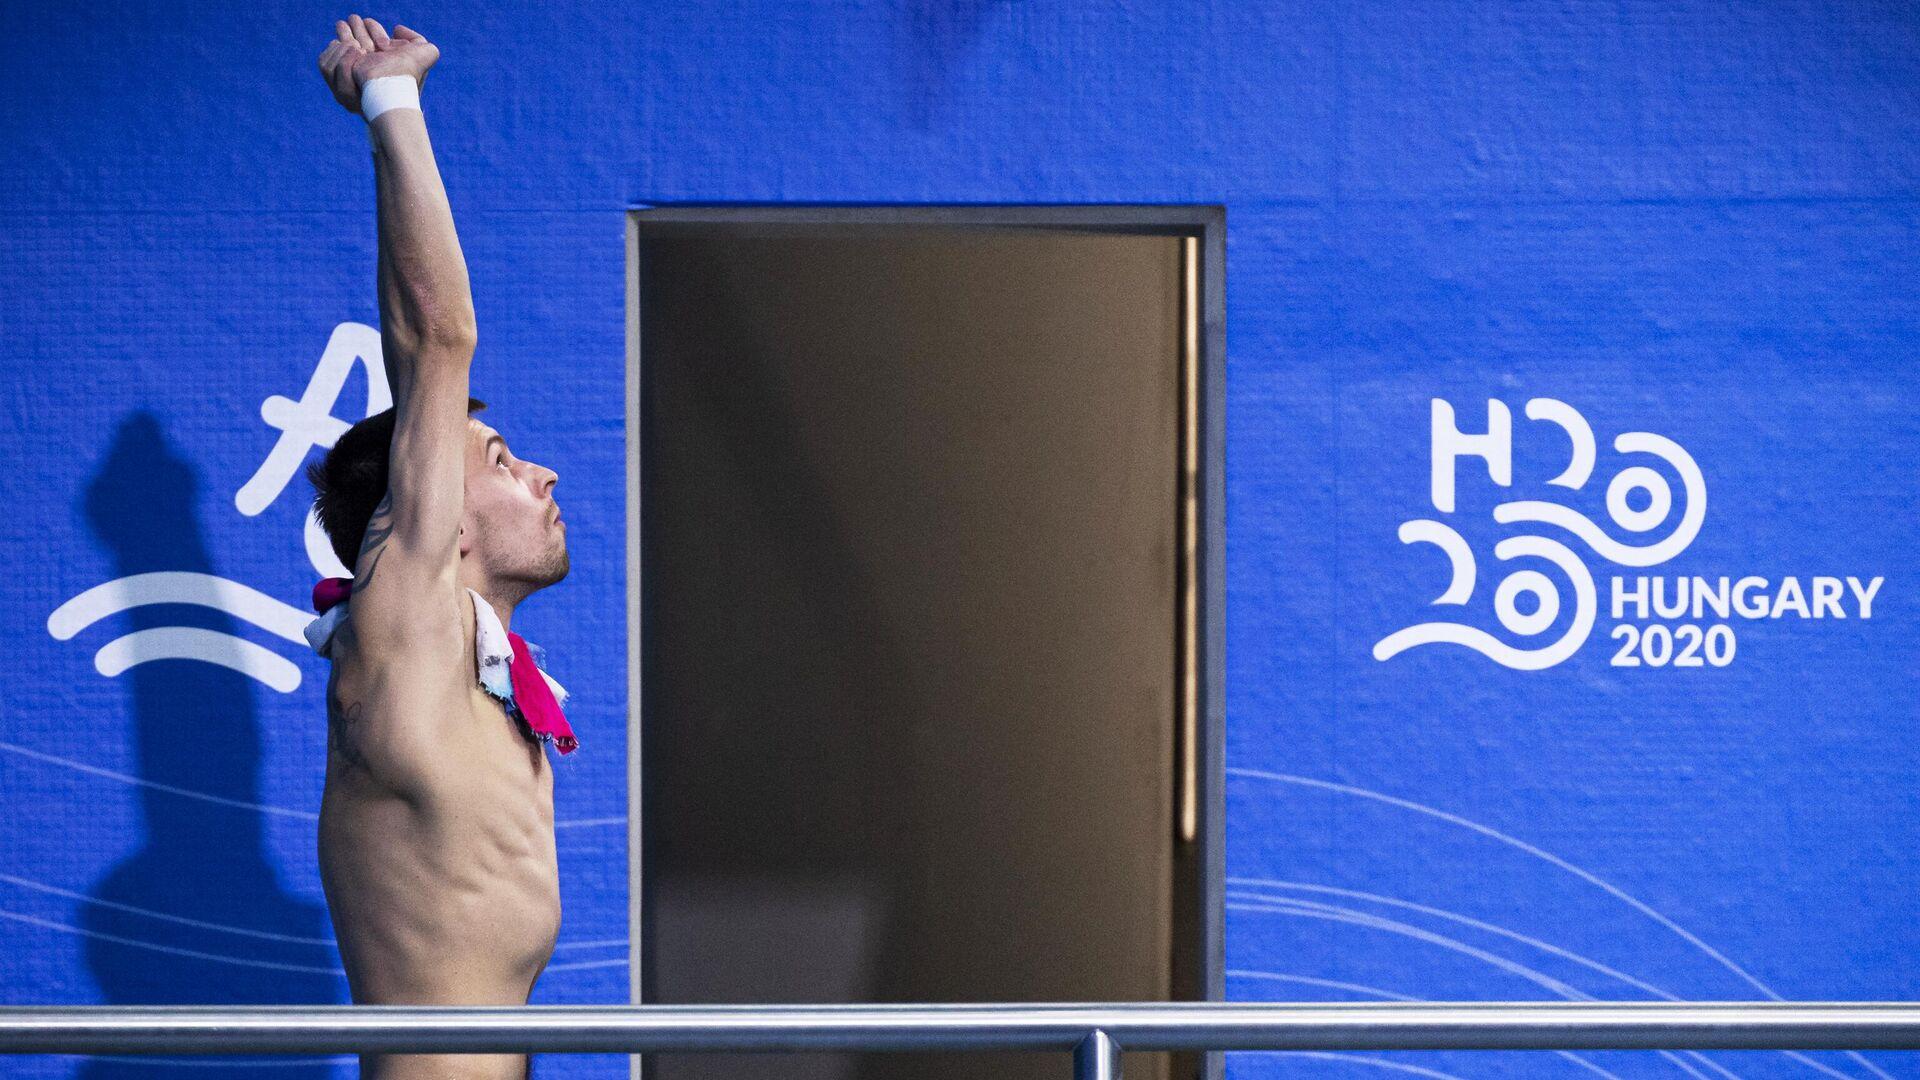 Виктор Минибаев (Россия) перед прыжком в финальных соревнованиях в прыжках в воду с вышки 10 м среди мужчин на чемпионате Европы по водным видам спорта в Будапеште. - РИА Новости, 1920, 26.07.2021